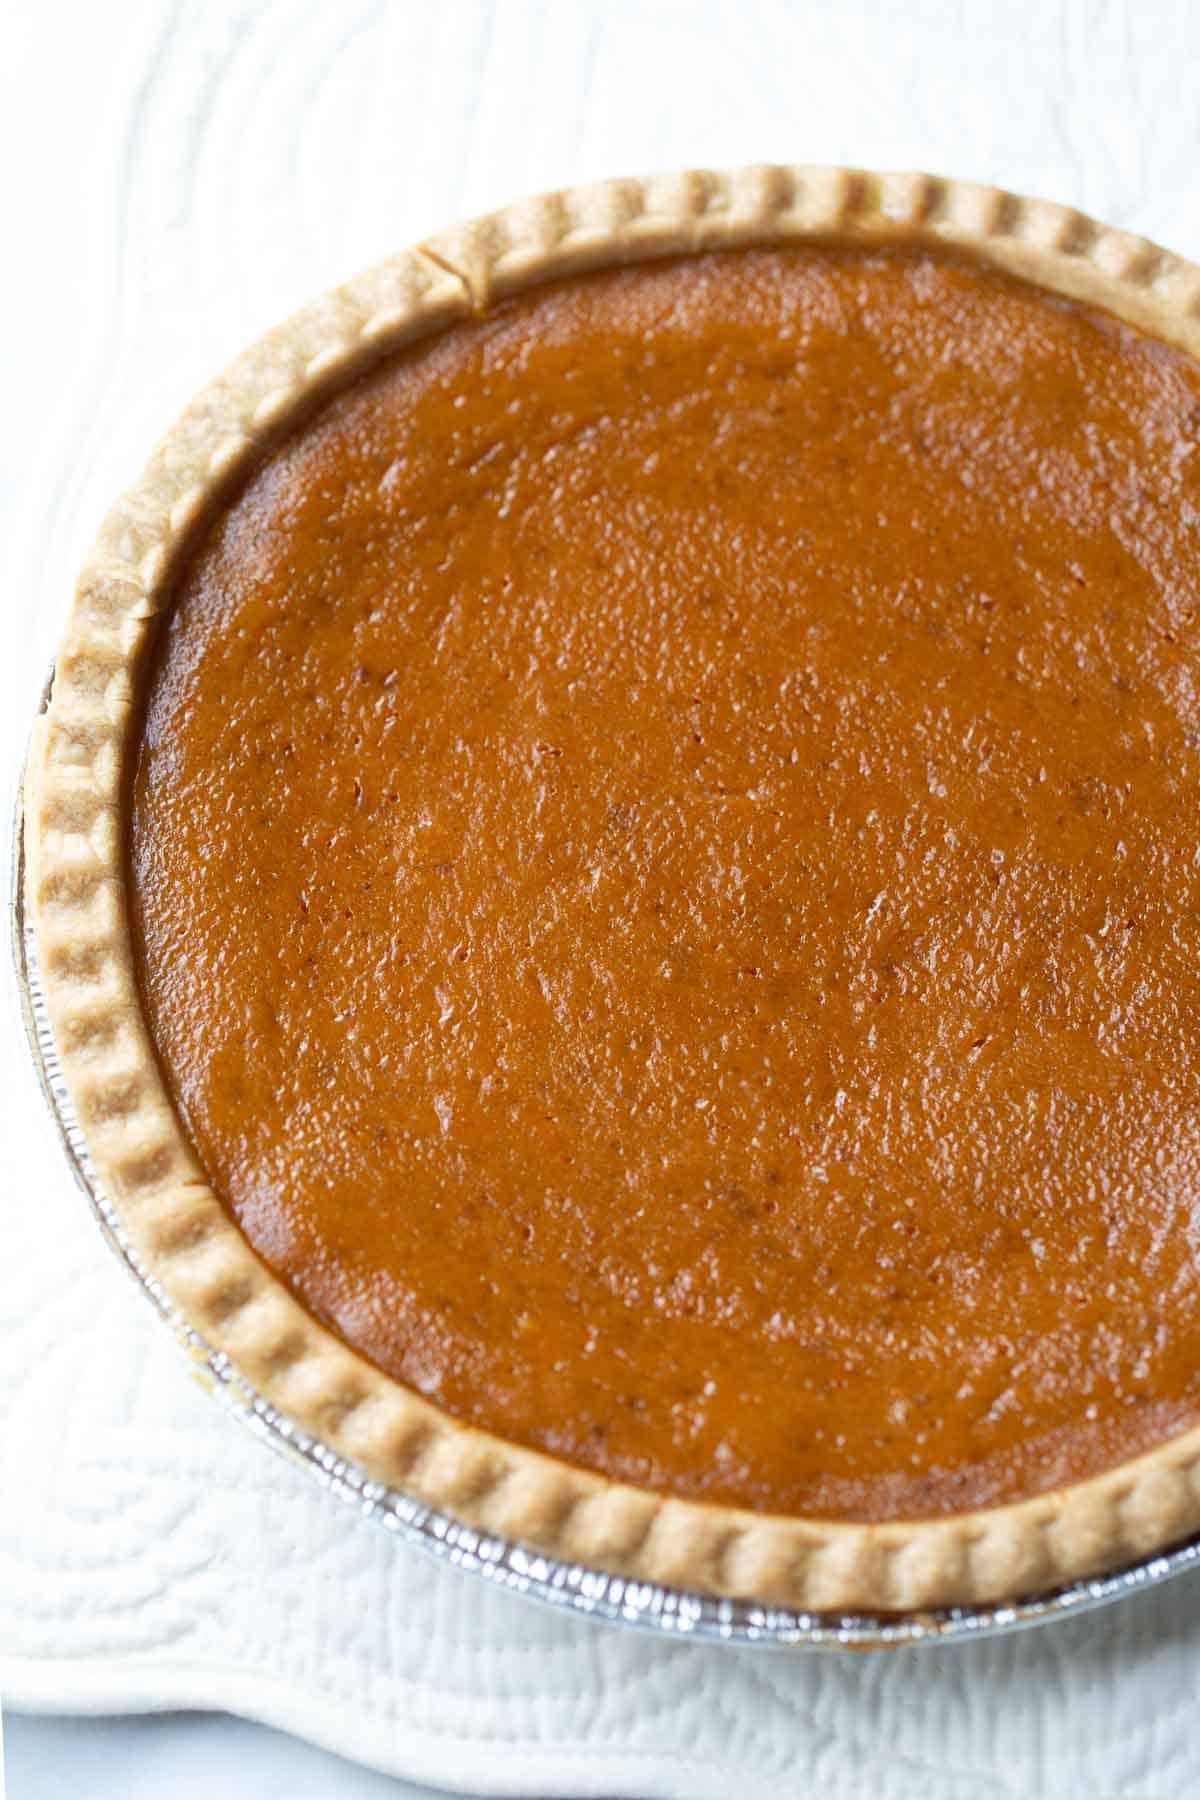 Aerial view of a round pumpkin pie